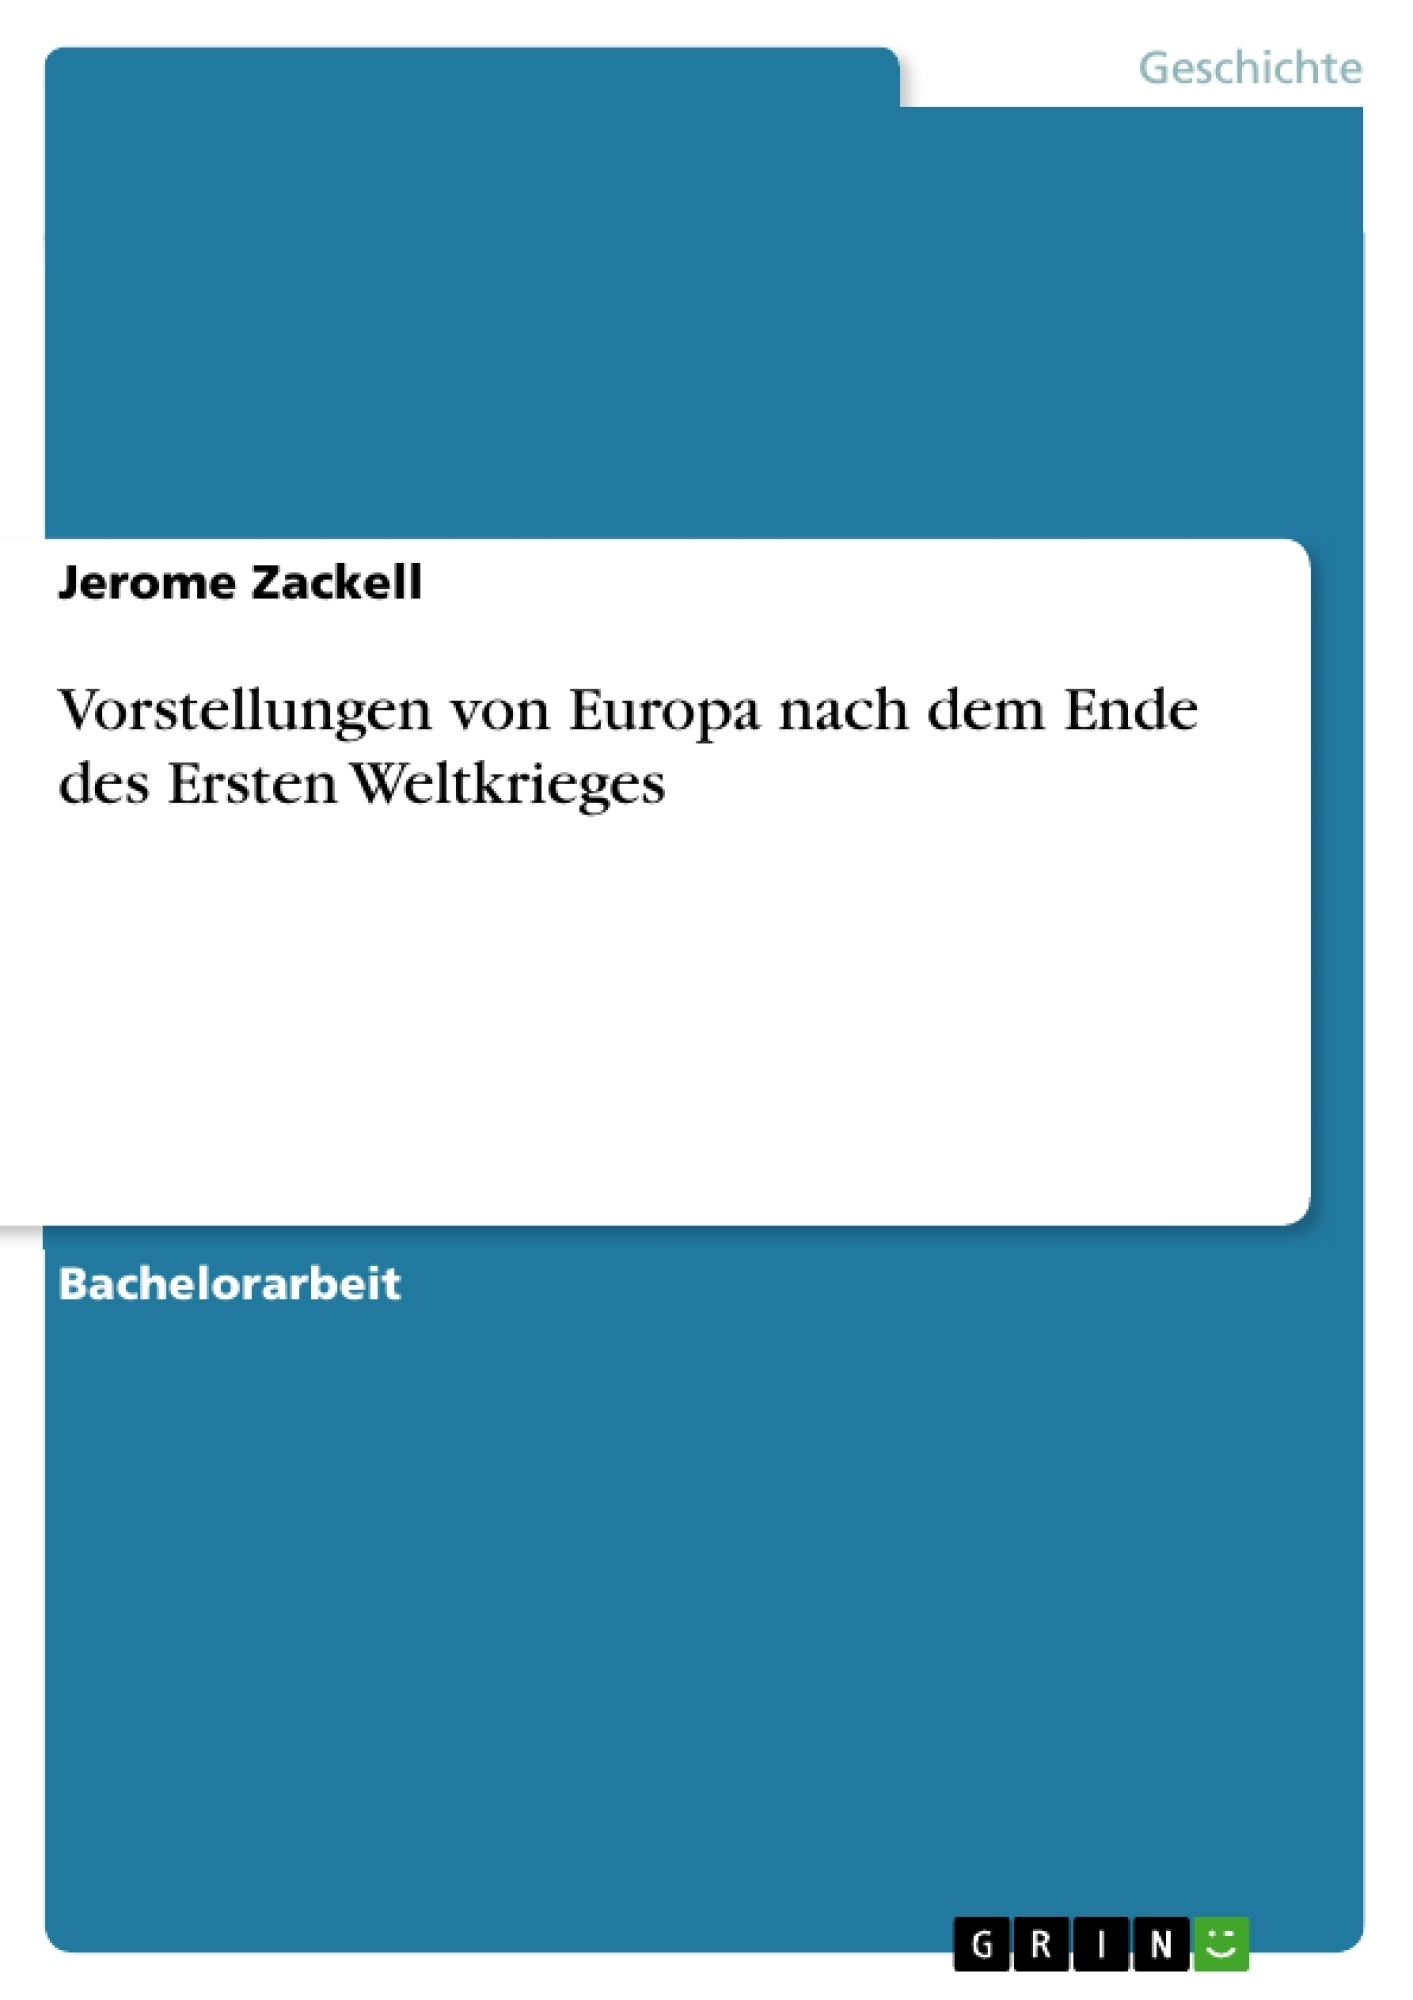 Titel: Vorstellungen von Europa nach dem Ende des Ersten Weltkrieges